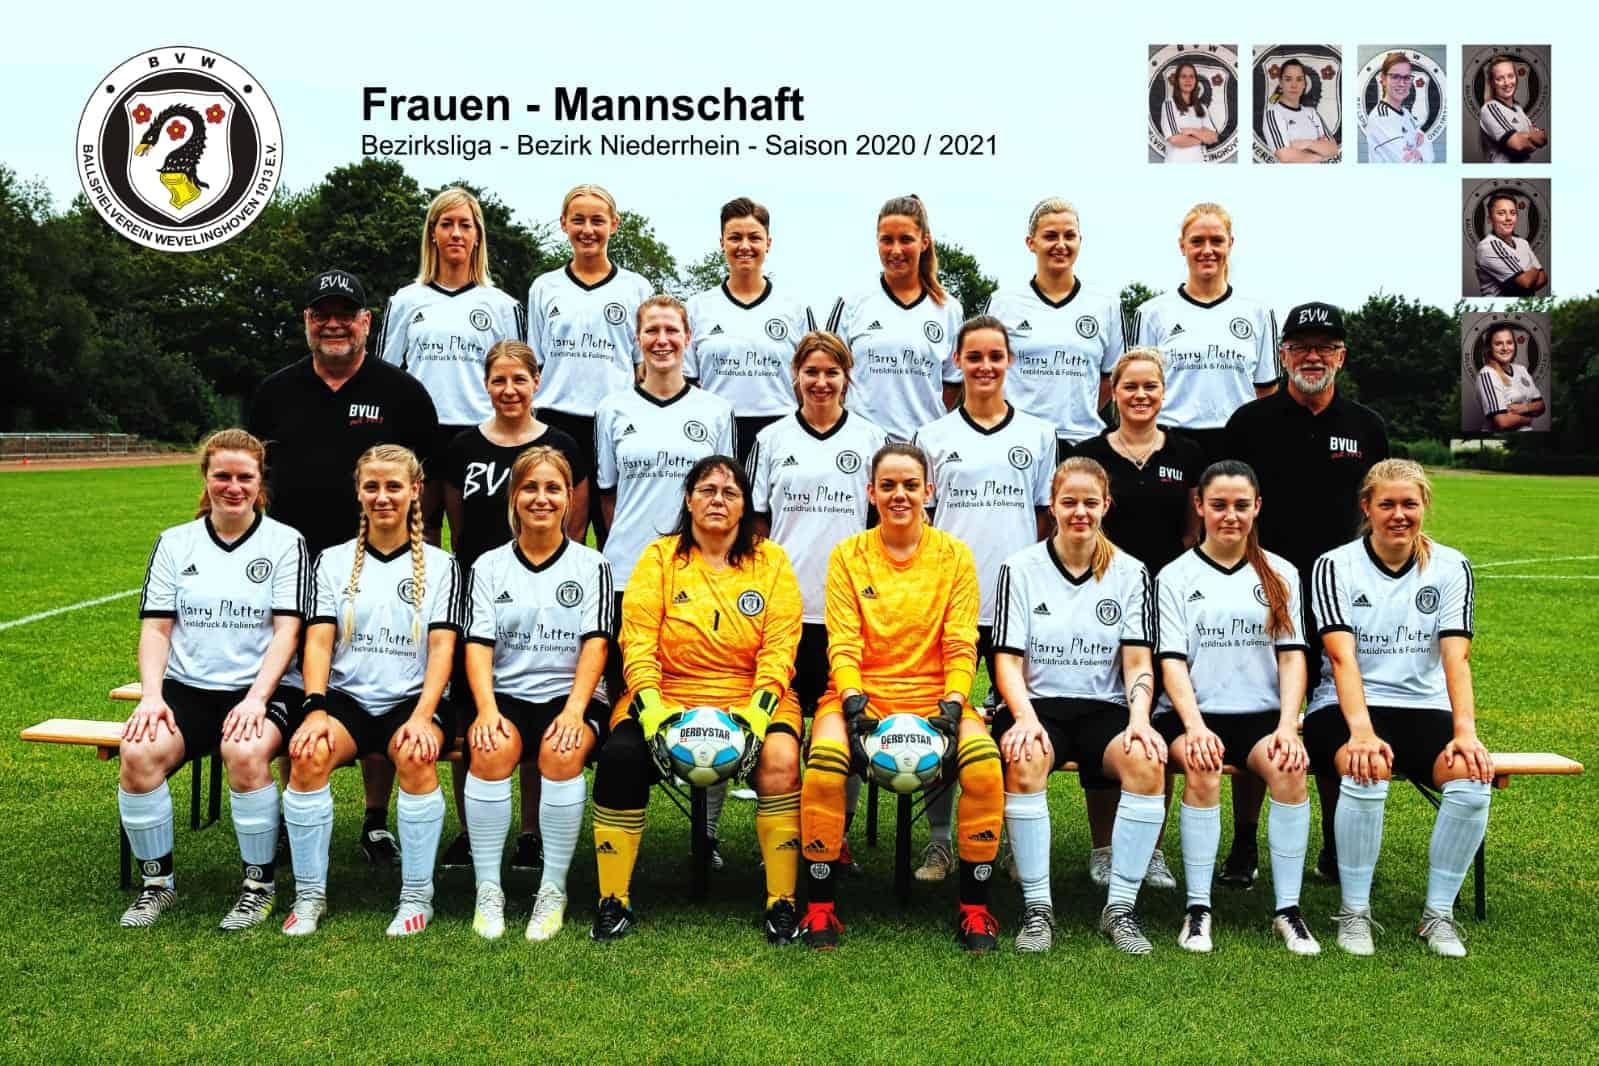 Frauenmannschaft - Saison 2020/21